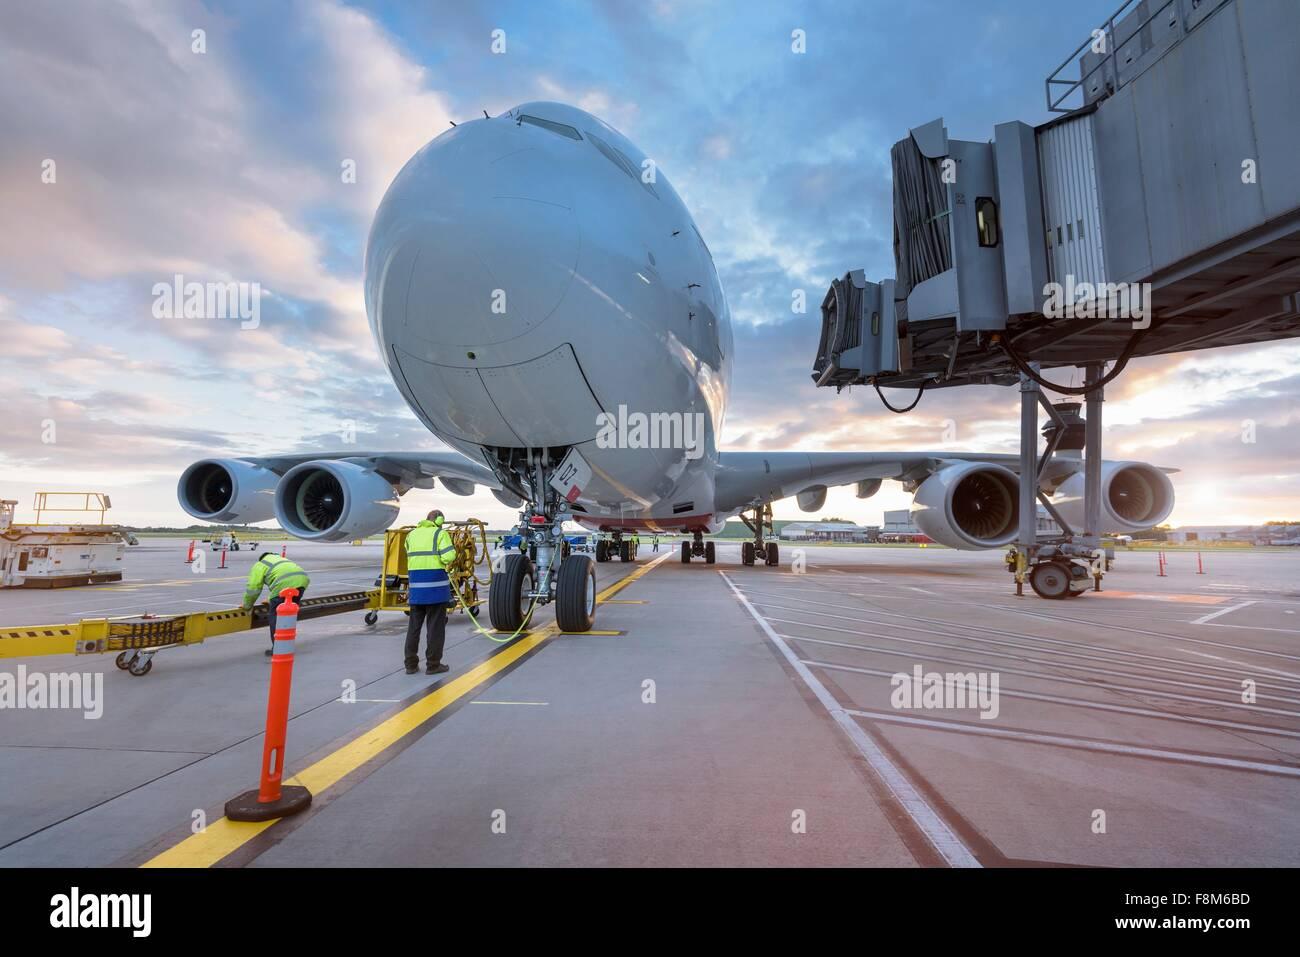 Un380 su supporto in aeroporto Immagini Stock